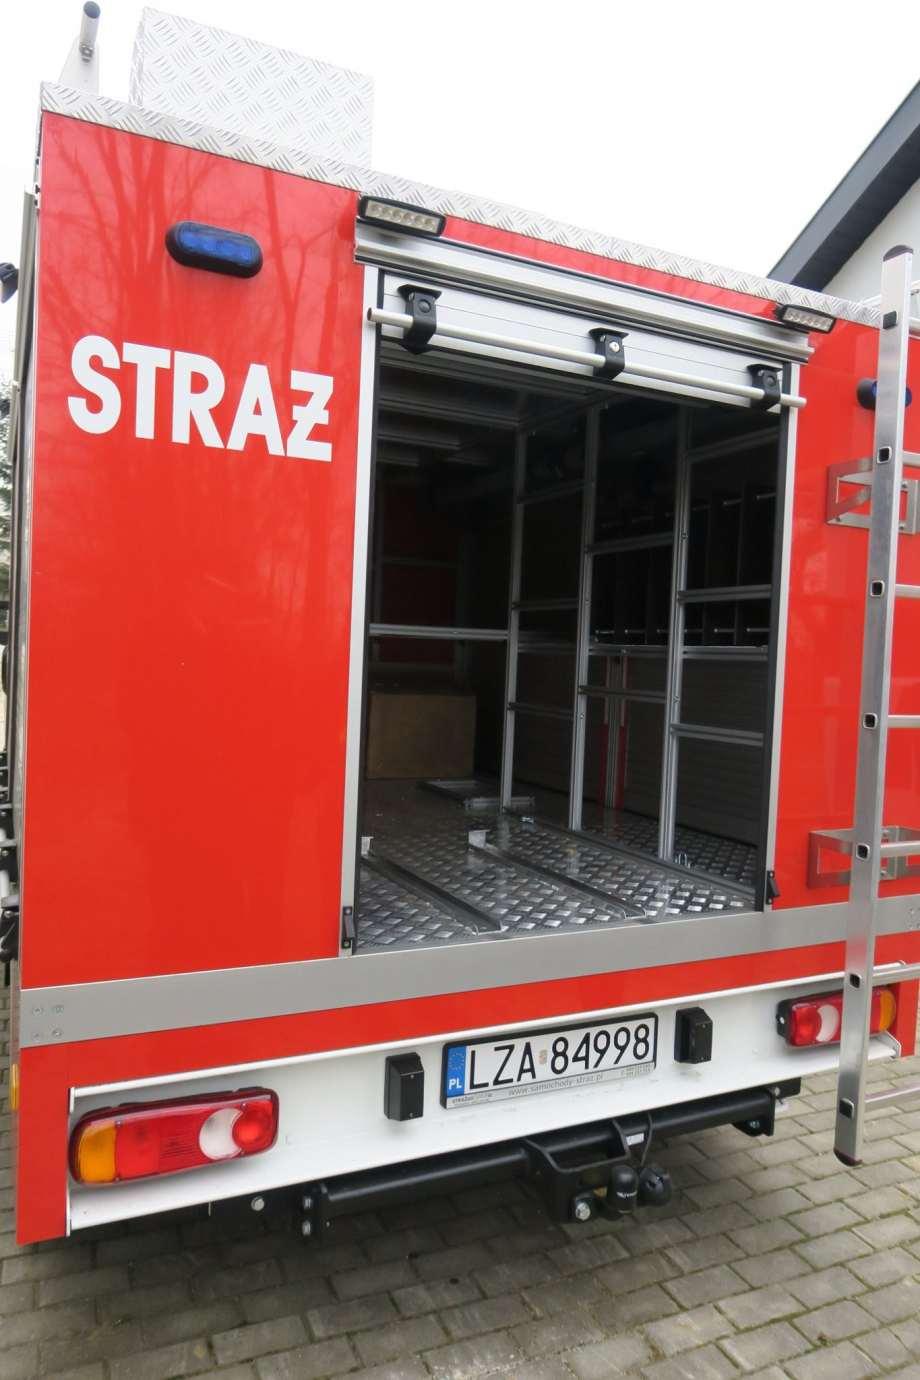 83186297 1470830223084848 4667906977123270656 o Nowy sprzęt dla strażaków z Gminy Nielisz